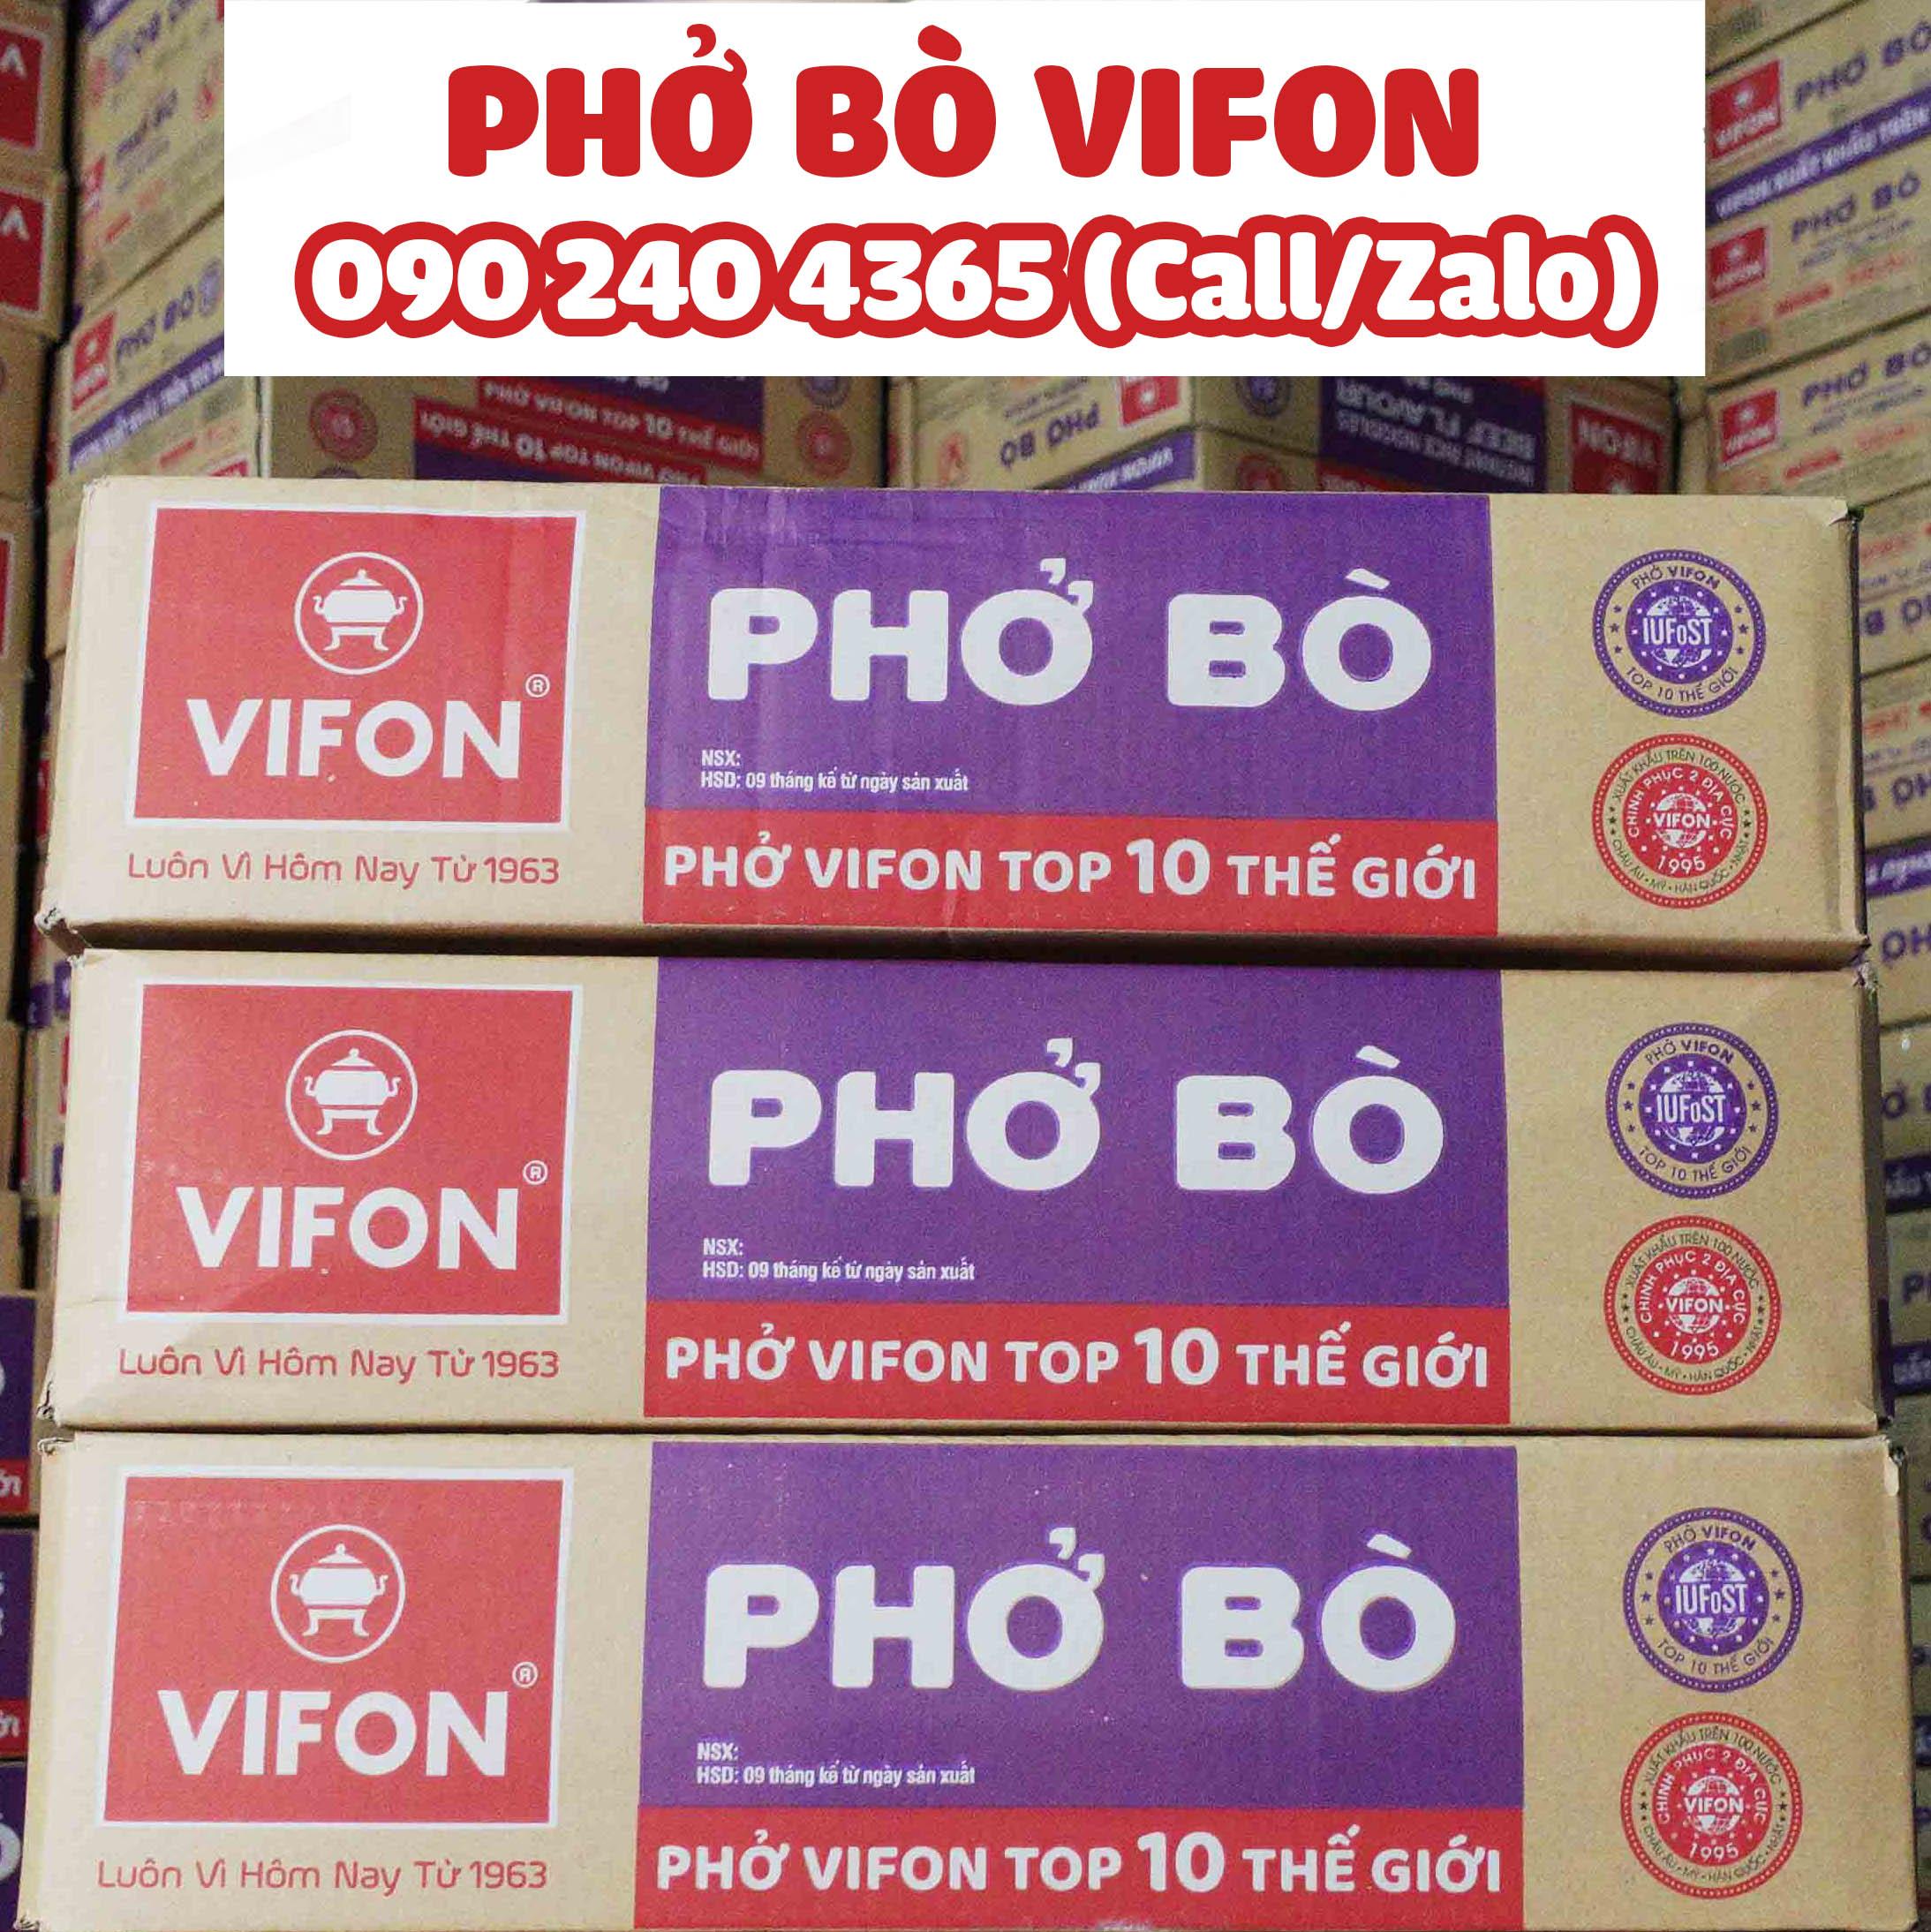 THÙNG PHỞ BÒ VIFON - 30 GÓI